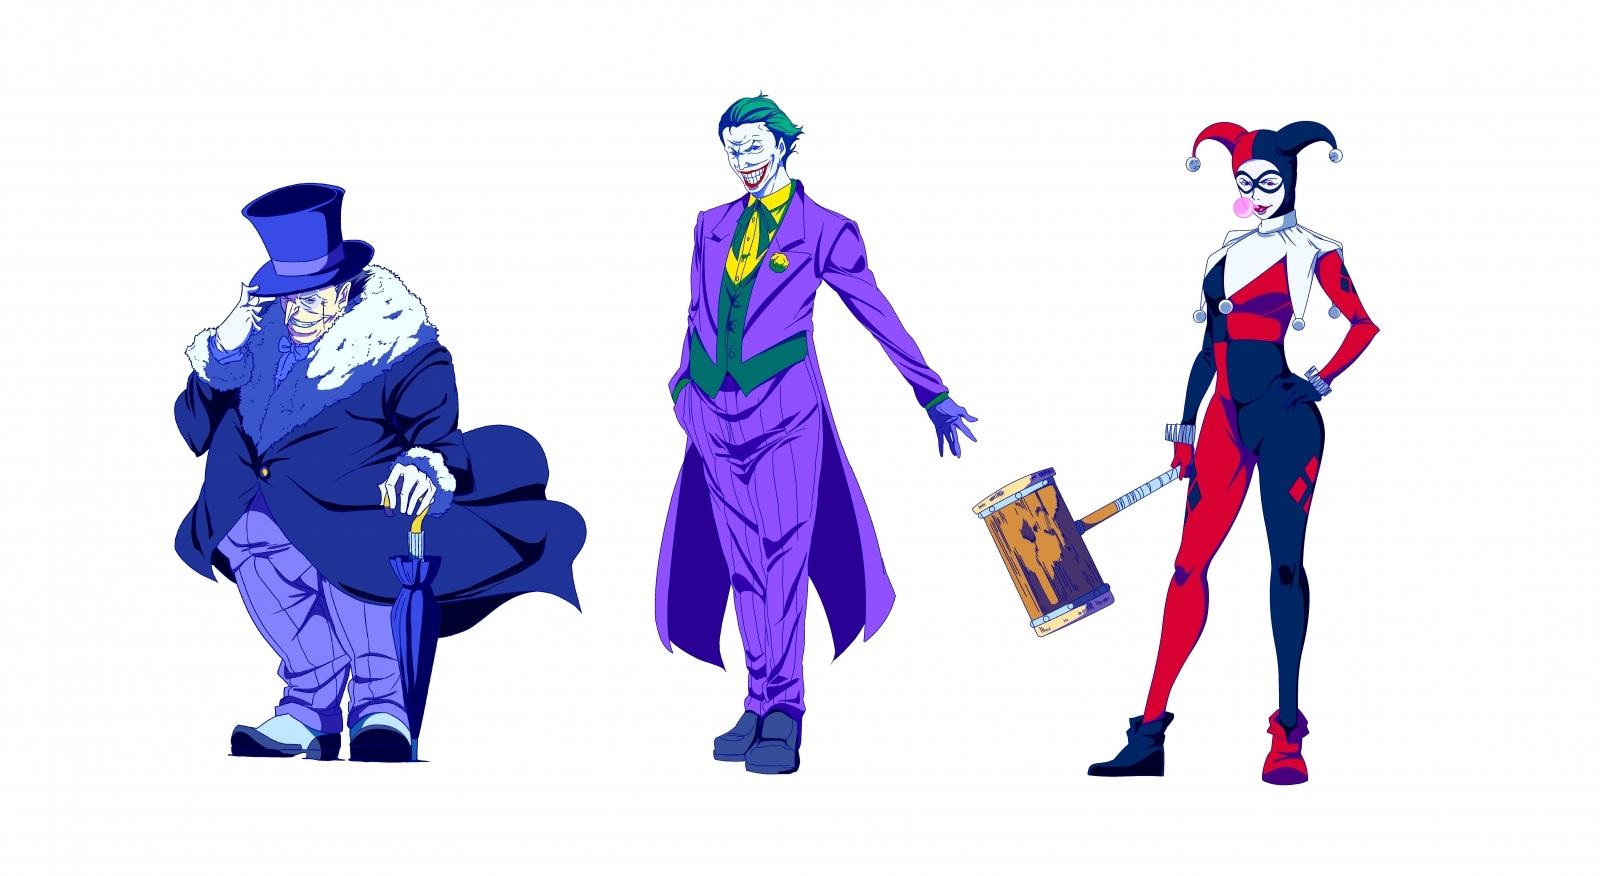 左から、ペンギン、ジョーカー、ハーレイ・クイン